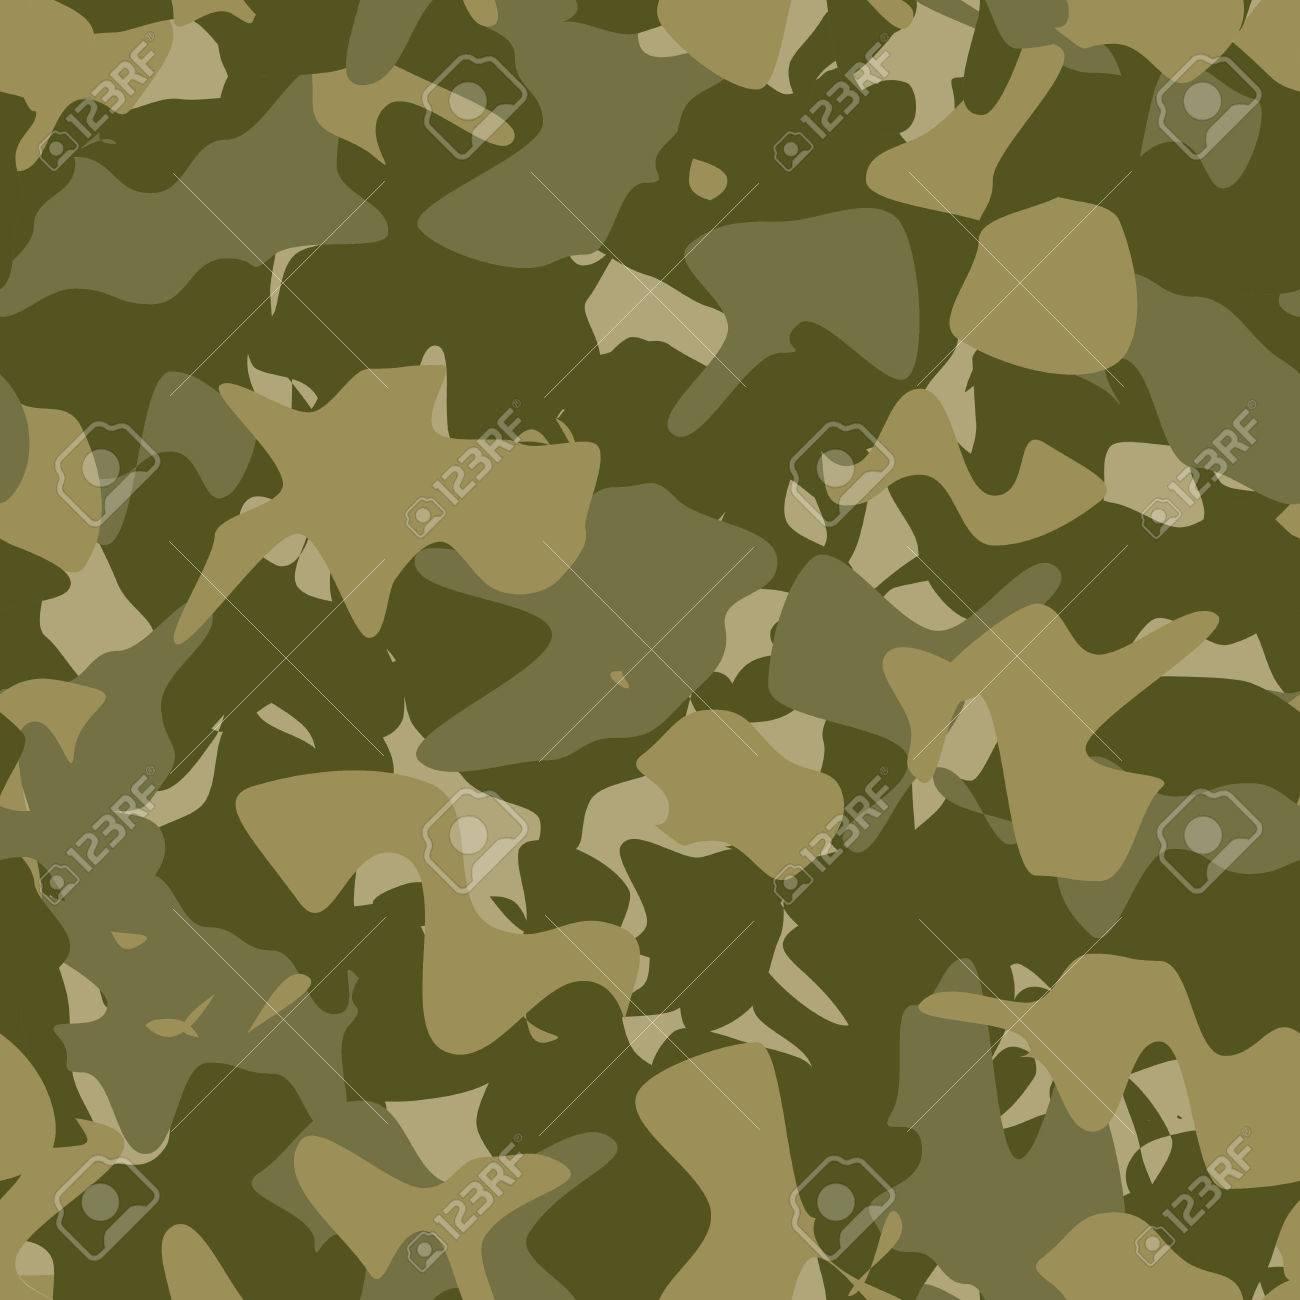 Militarische Mode Nahtlose Muster Armee Muster